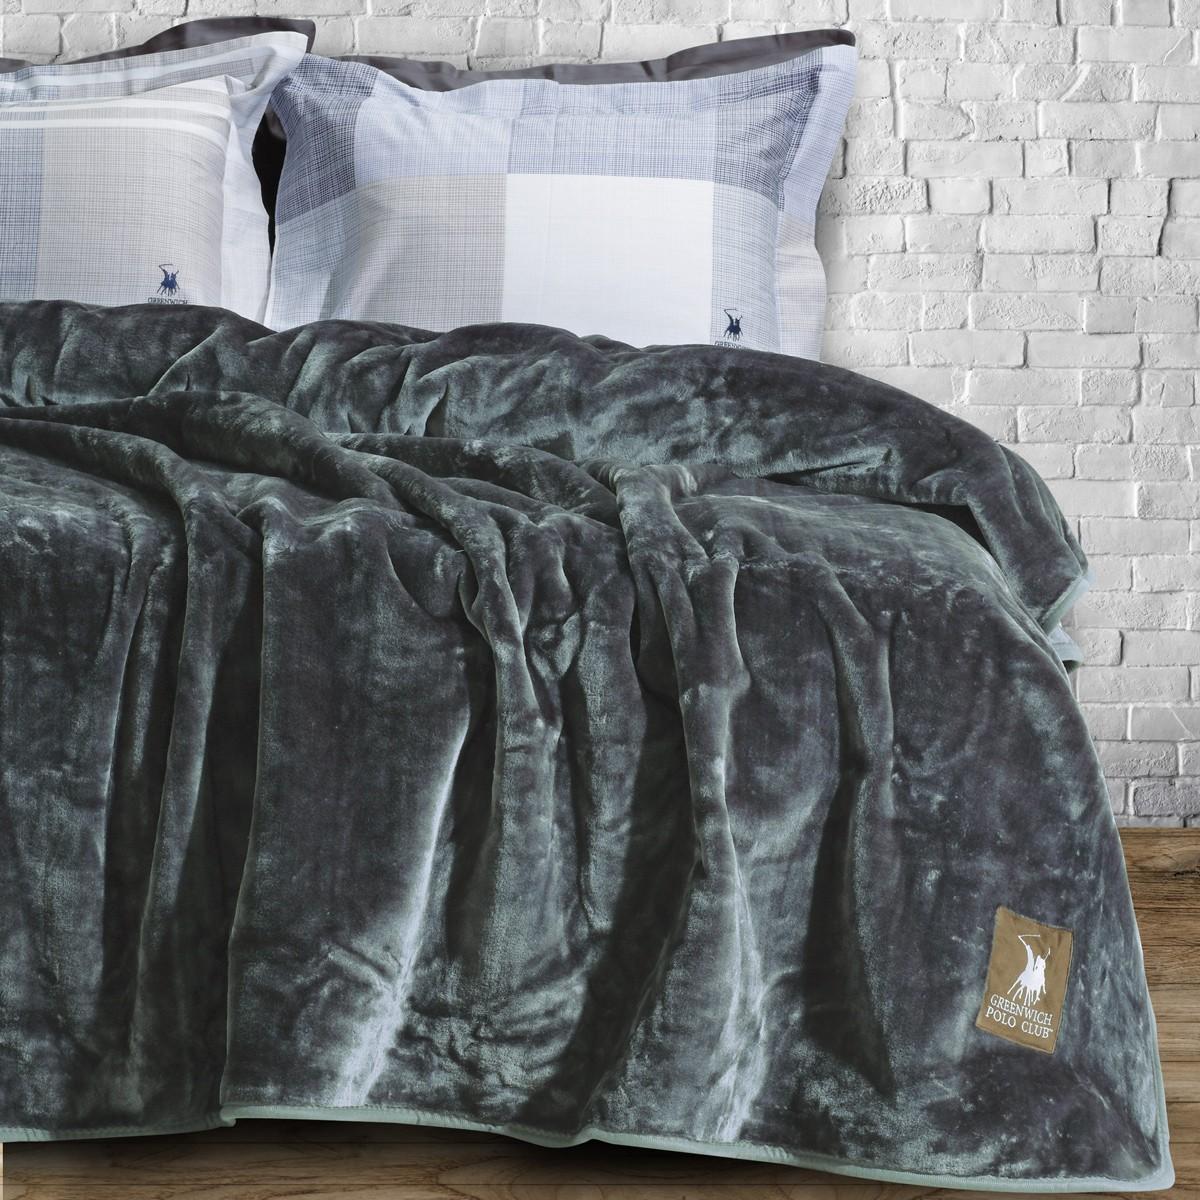 Κουβέρτα Βελουτέ Υπέρδιπλη Polo Club Essential Blanket 2405 home   κρεβατοκάμαρα   κουβέρτες   κουβέρτες βελουτέ υπέρδιπλες